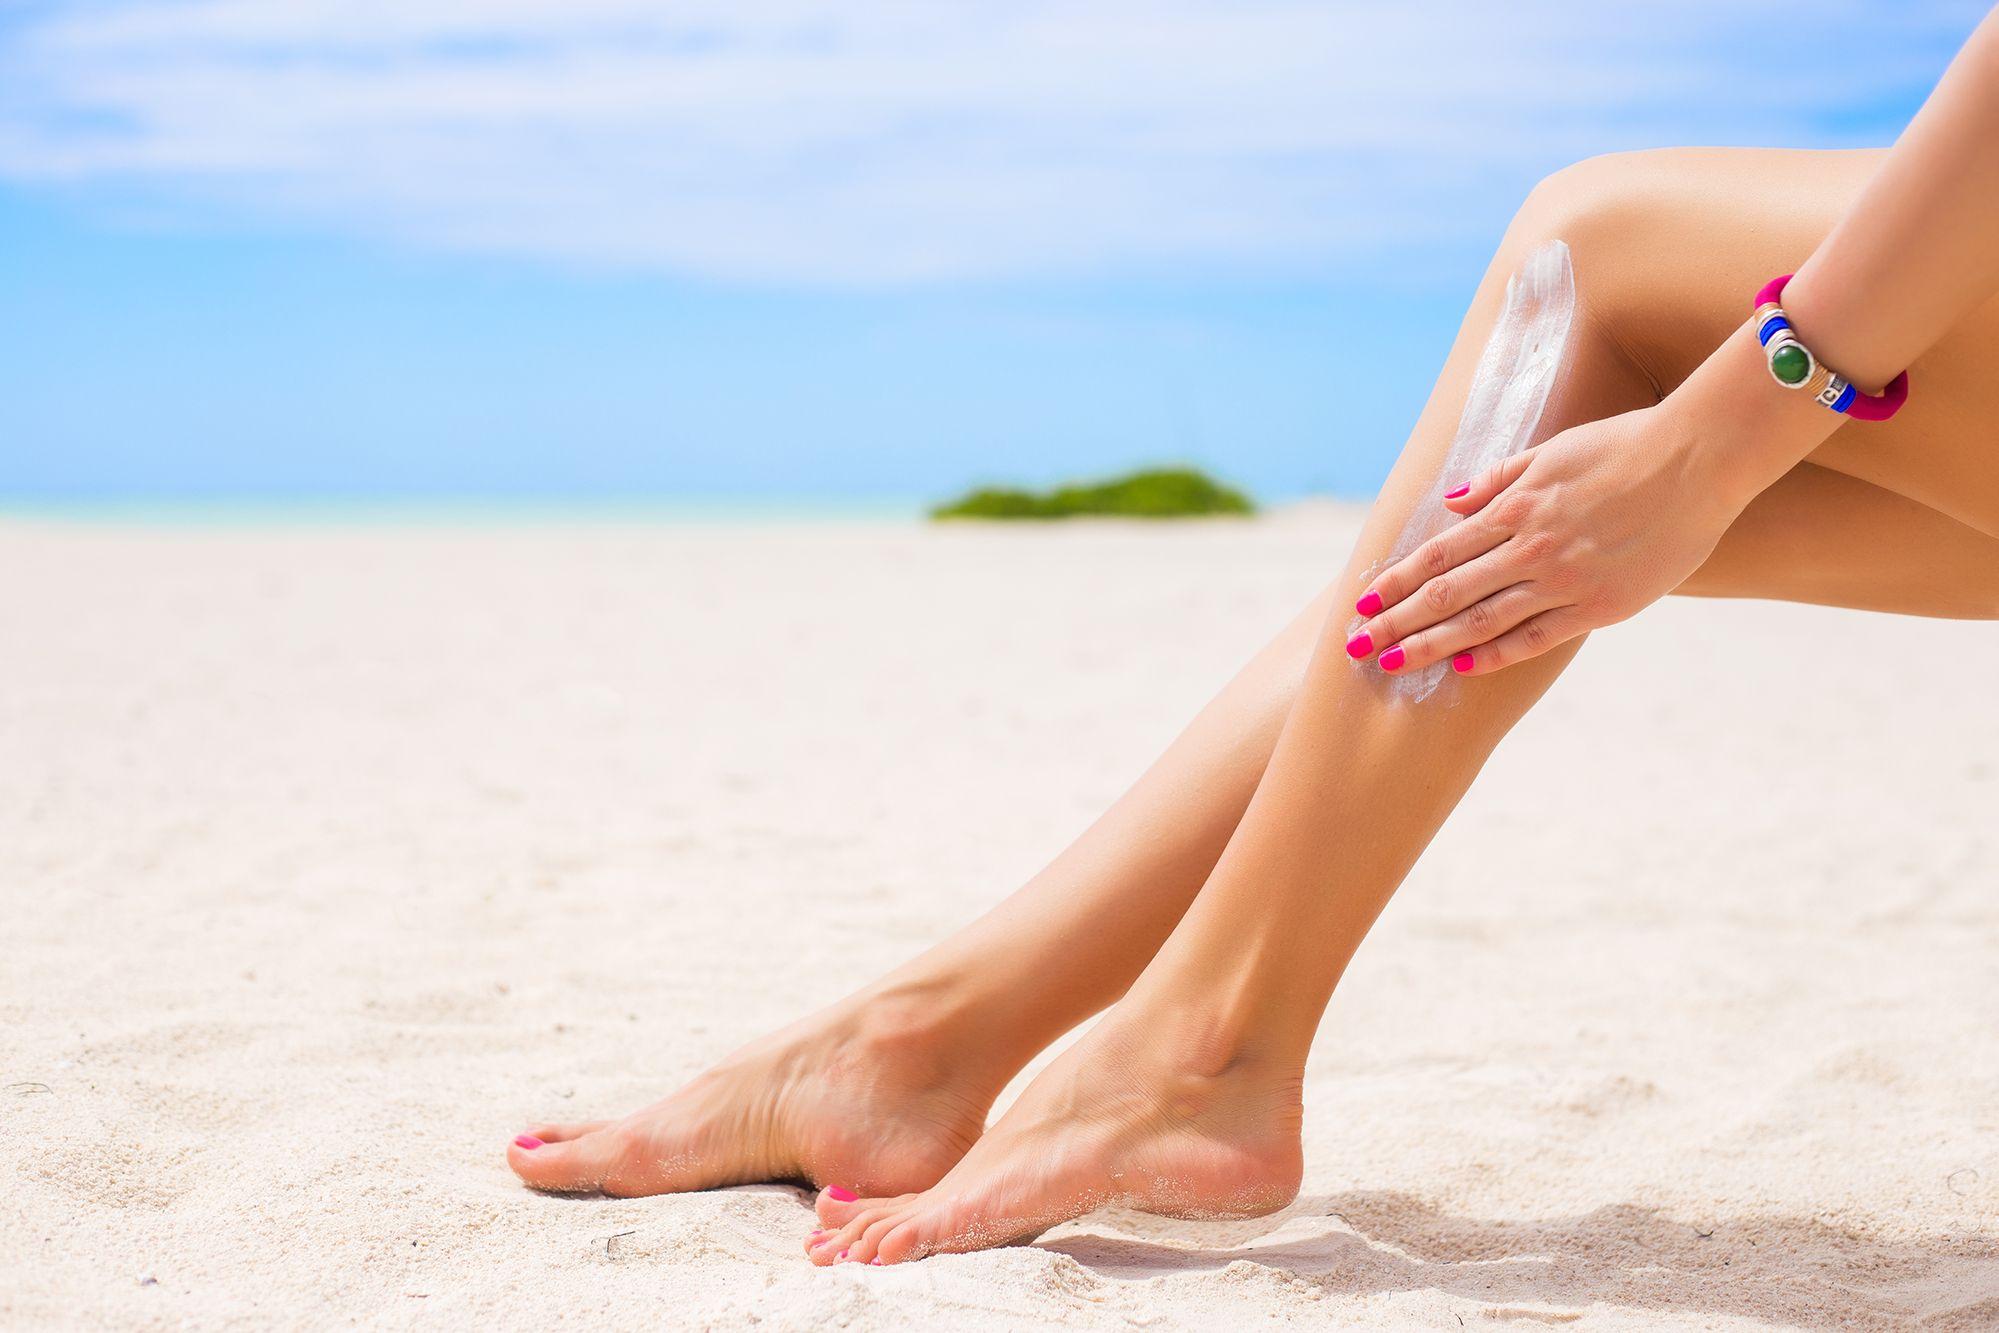 Kem chống nắng là vật dụng không thể thiếu khi du lịch biển. Hình: Sưu tầm